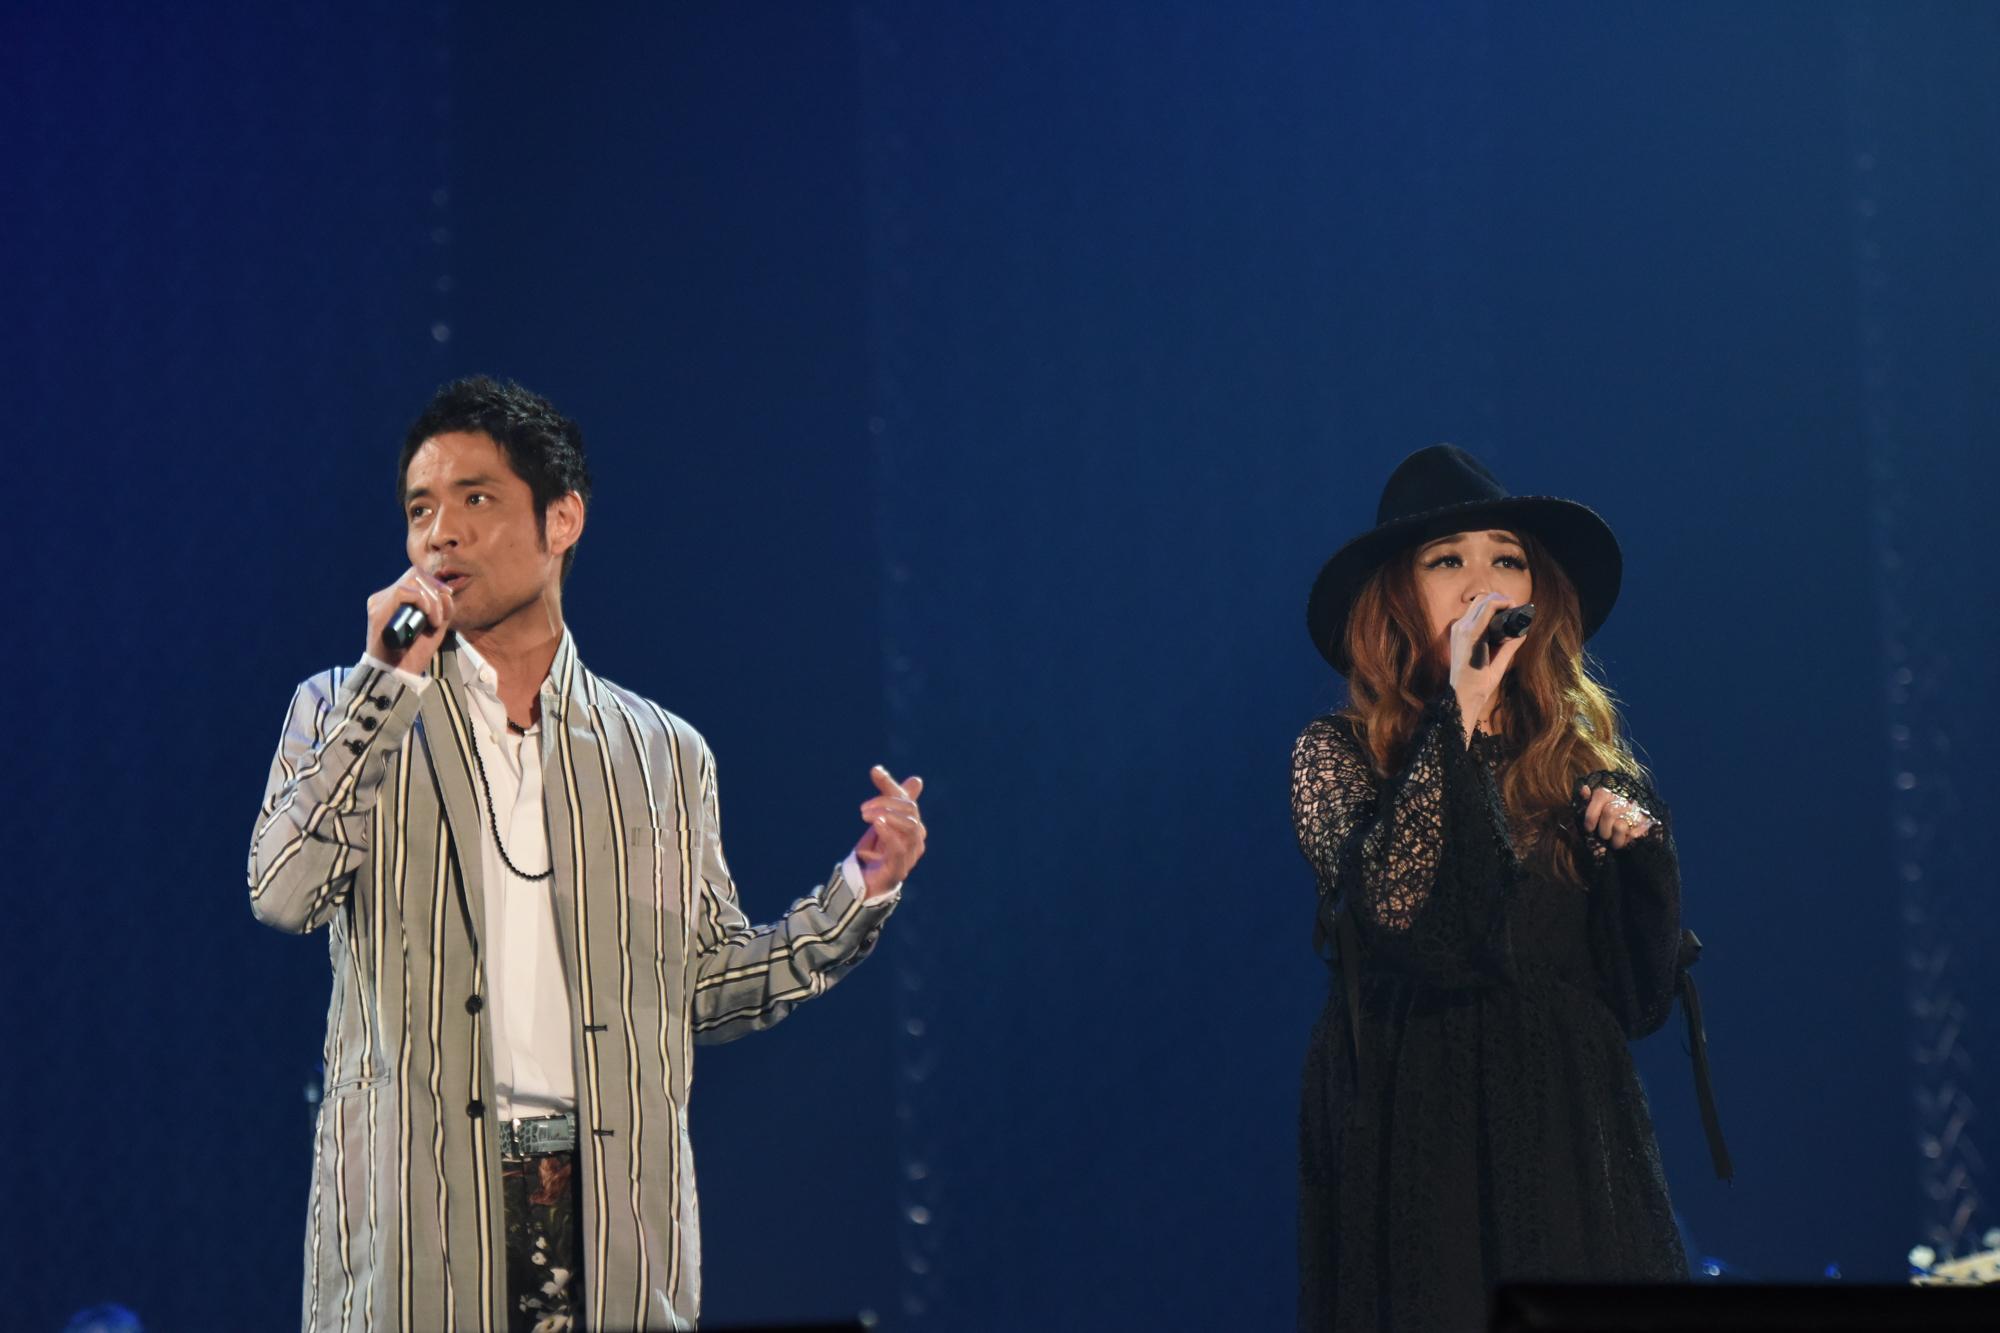 左から、久保田利伸、JUJU 撮影:中嶌英雄